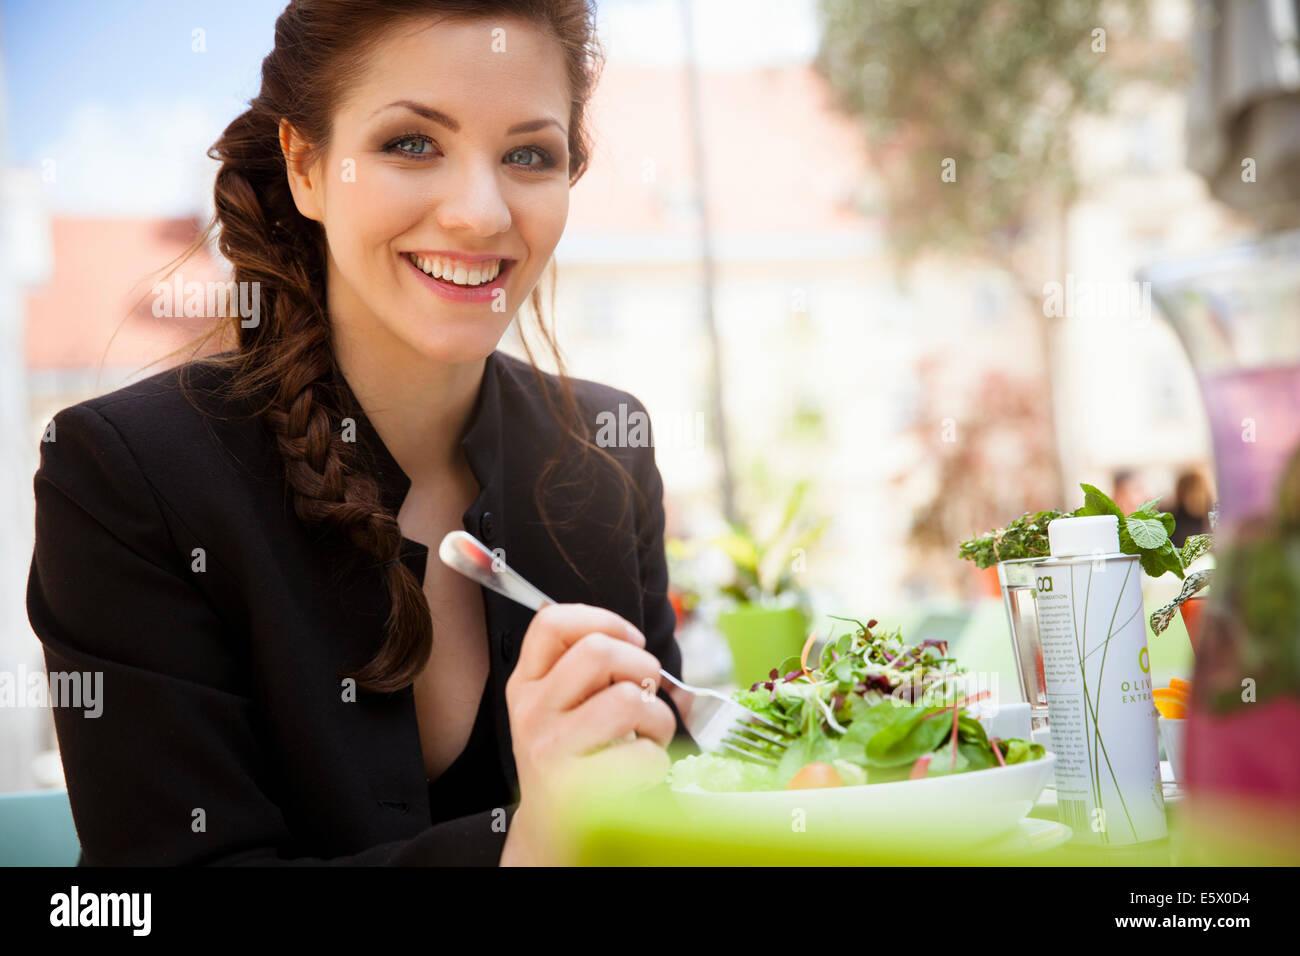 Giovane donna adulta mangiare insalata, esterno Immagini Stock